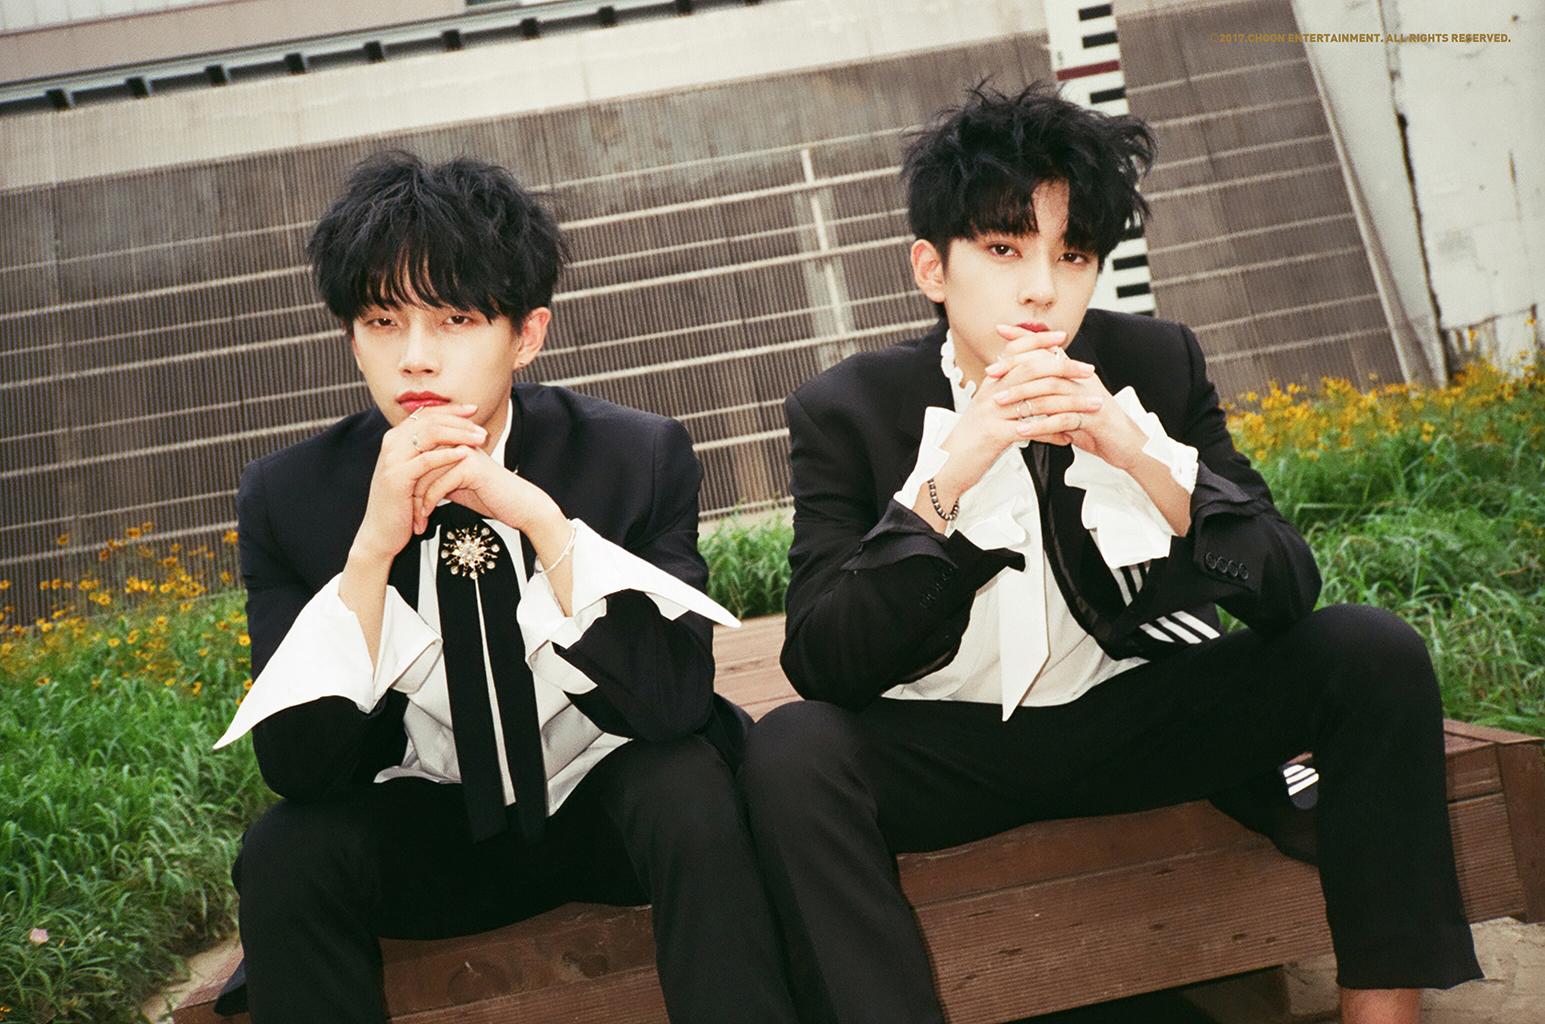 용국&시현_the.the.the_teaser #1